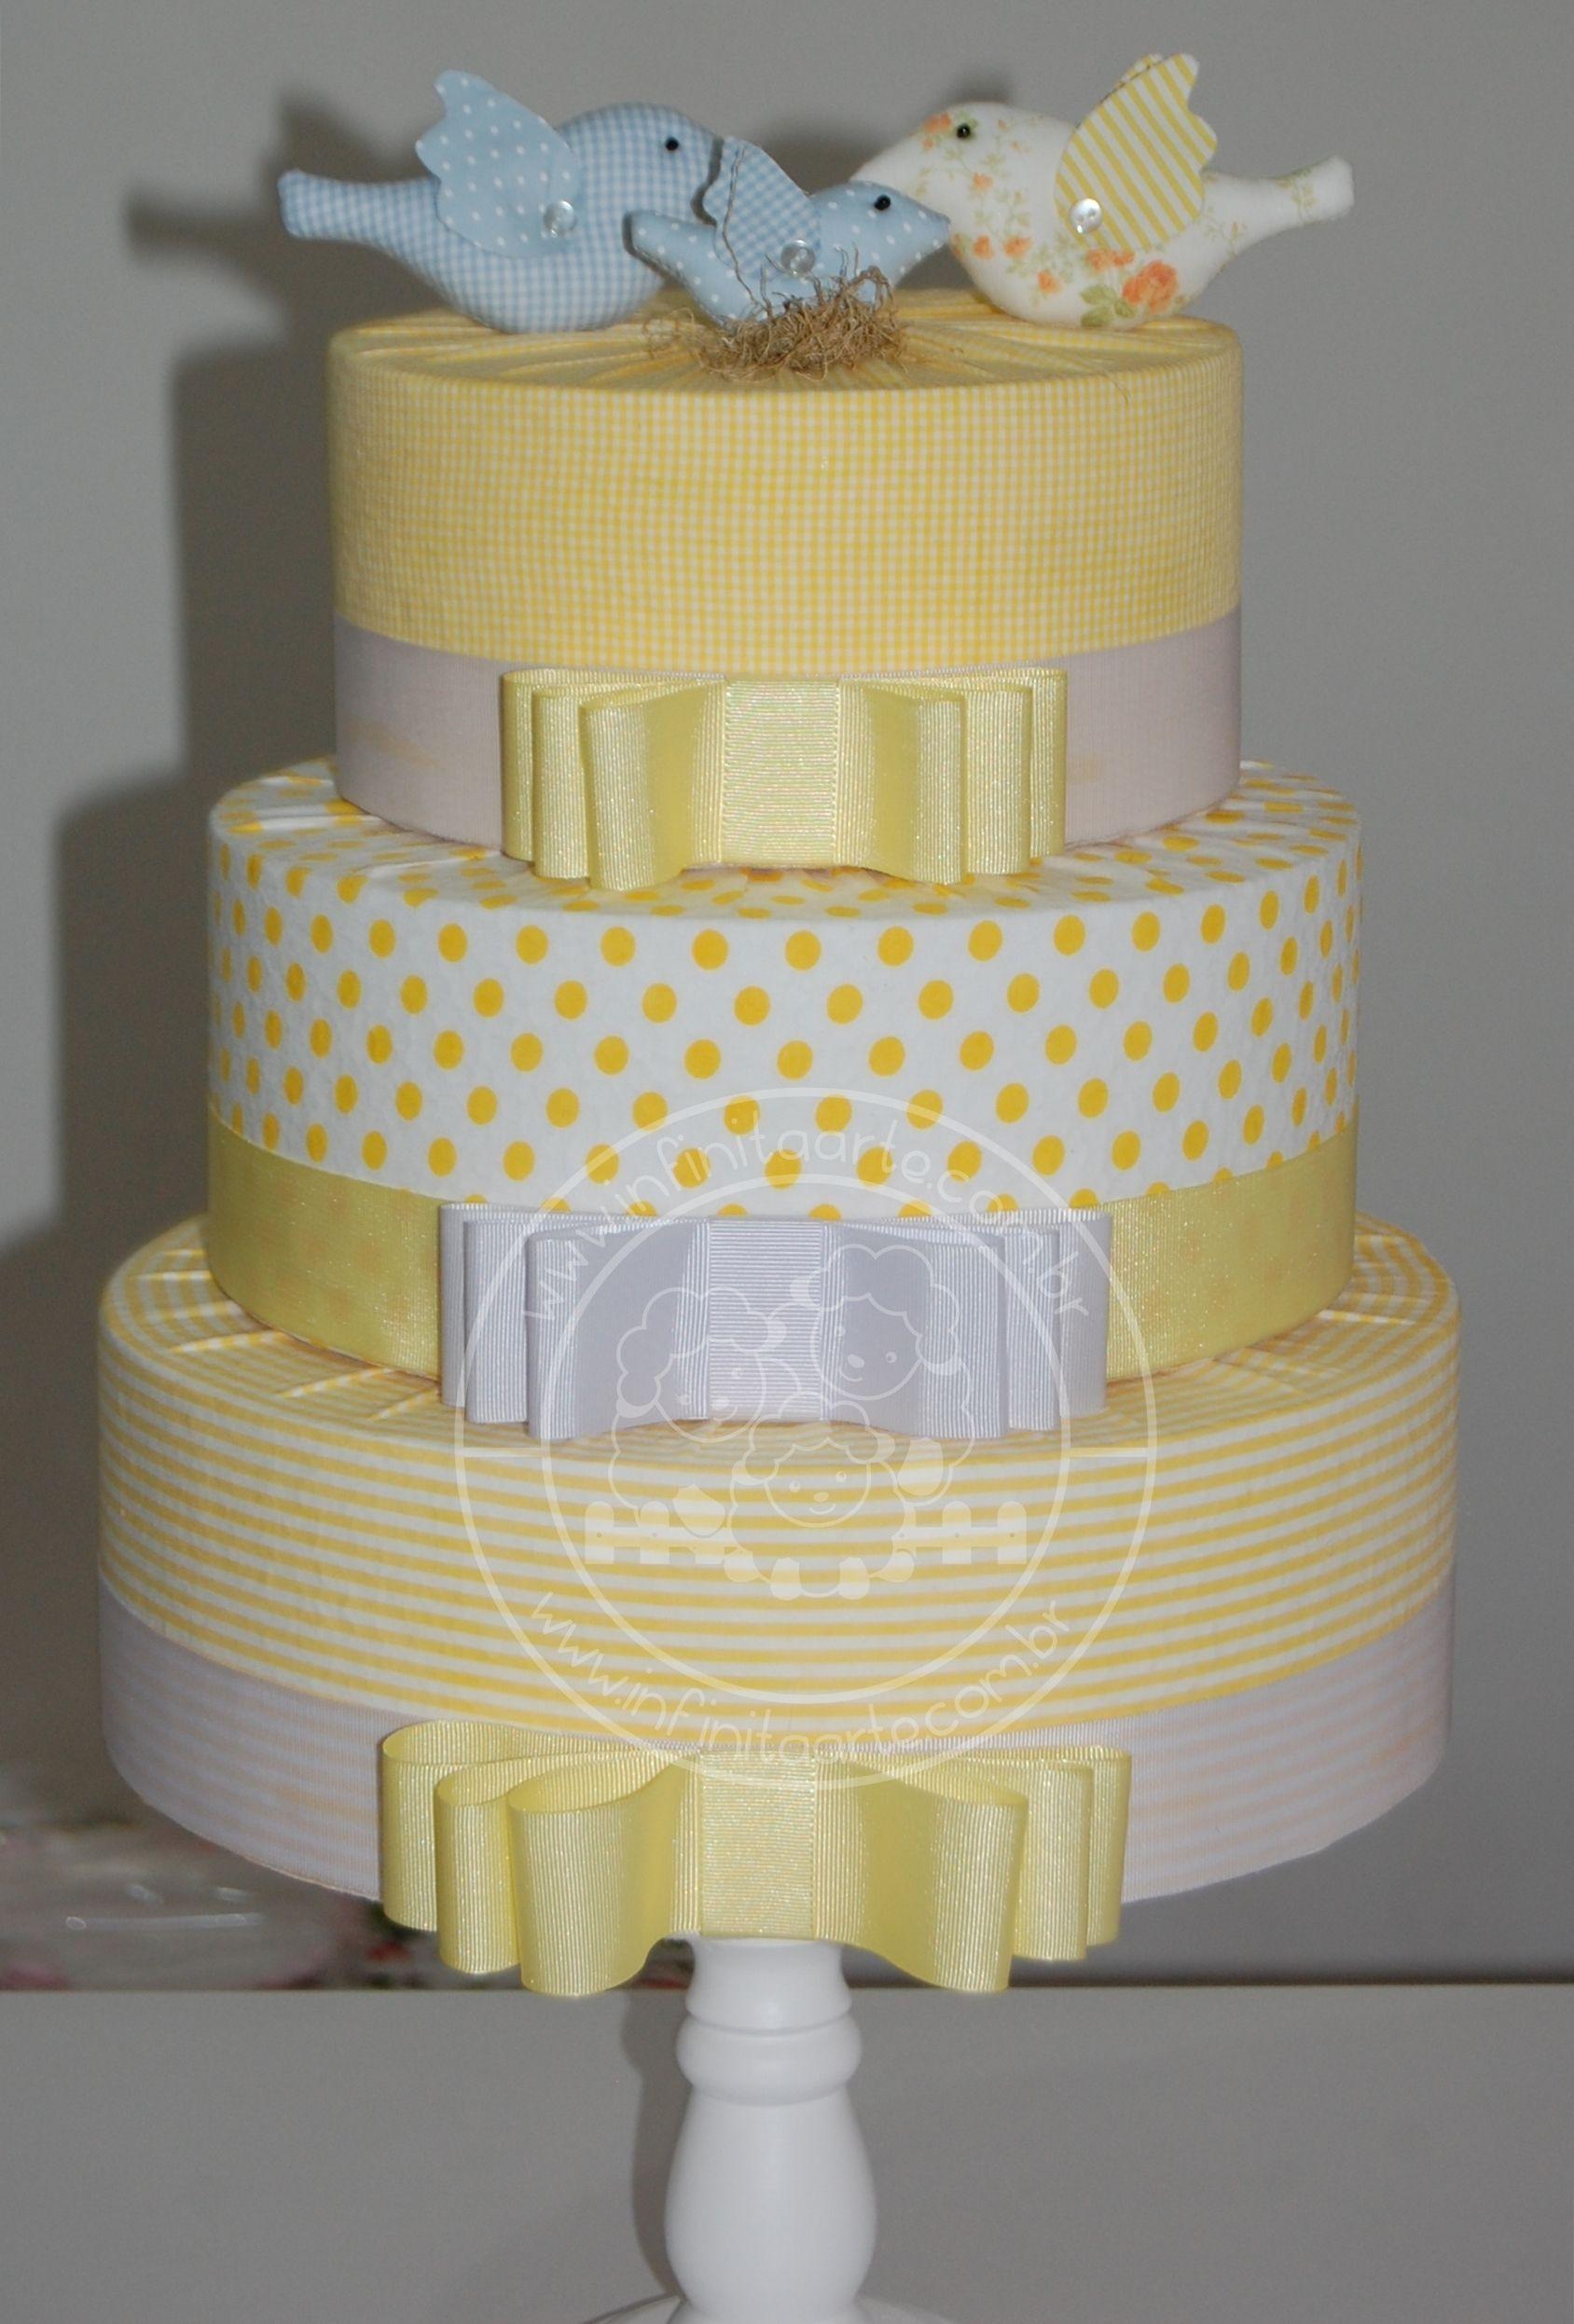 Bolo Fake tecido | bolo tecido | Pinterest | Fake cake, Cake and ...